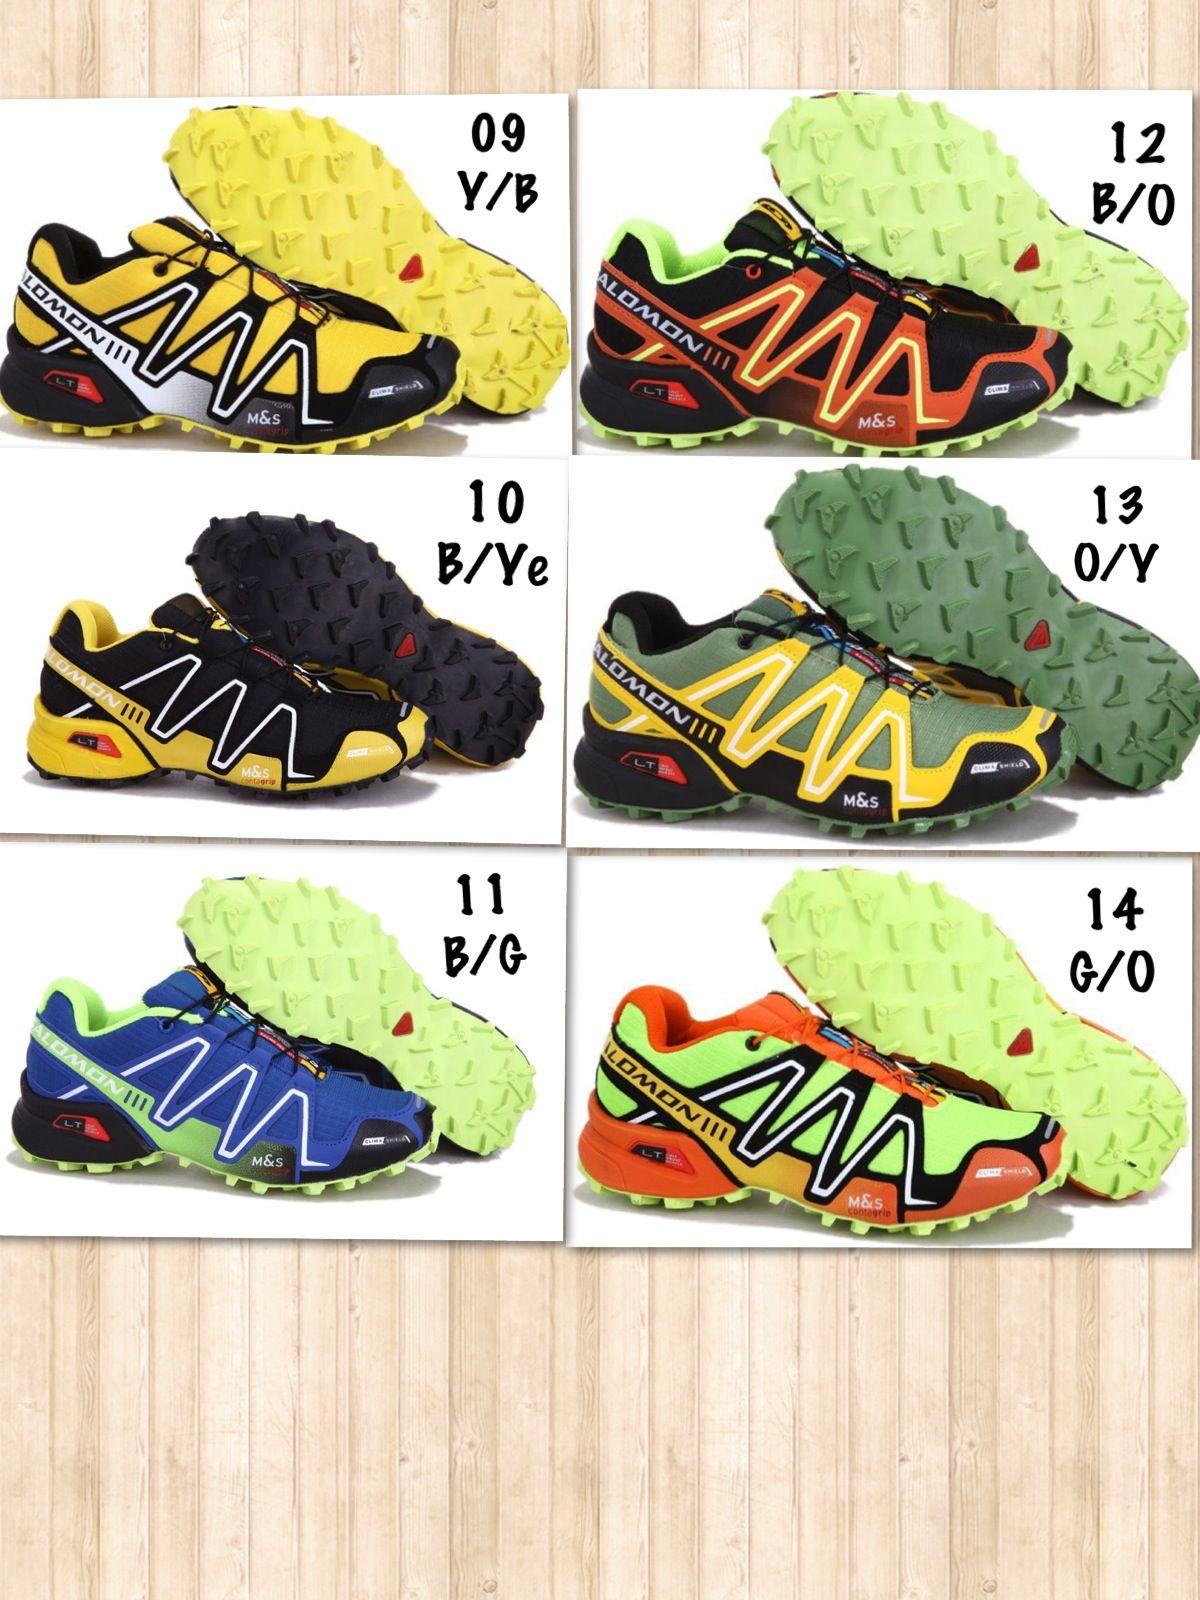 zapatillas salomon precios y modelos argentina facebook